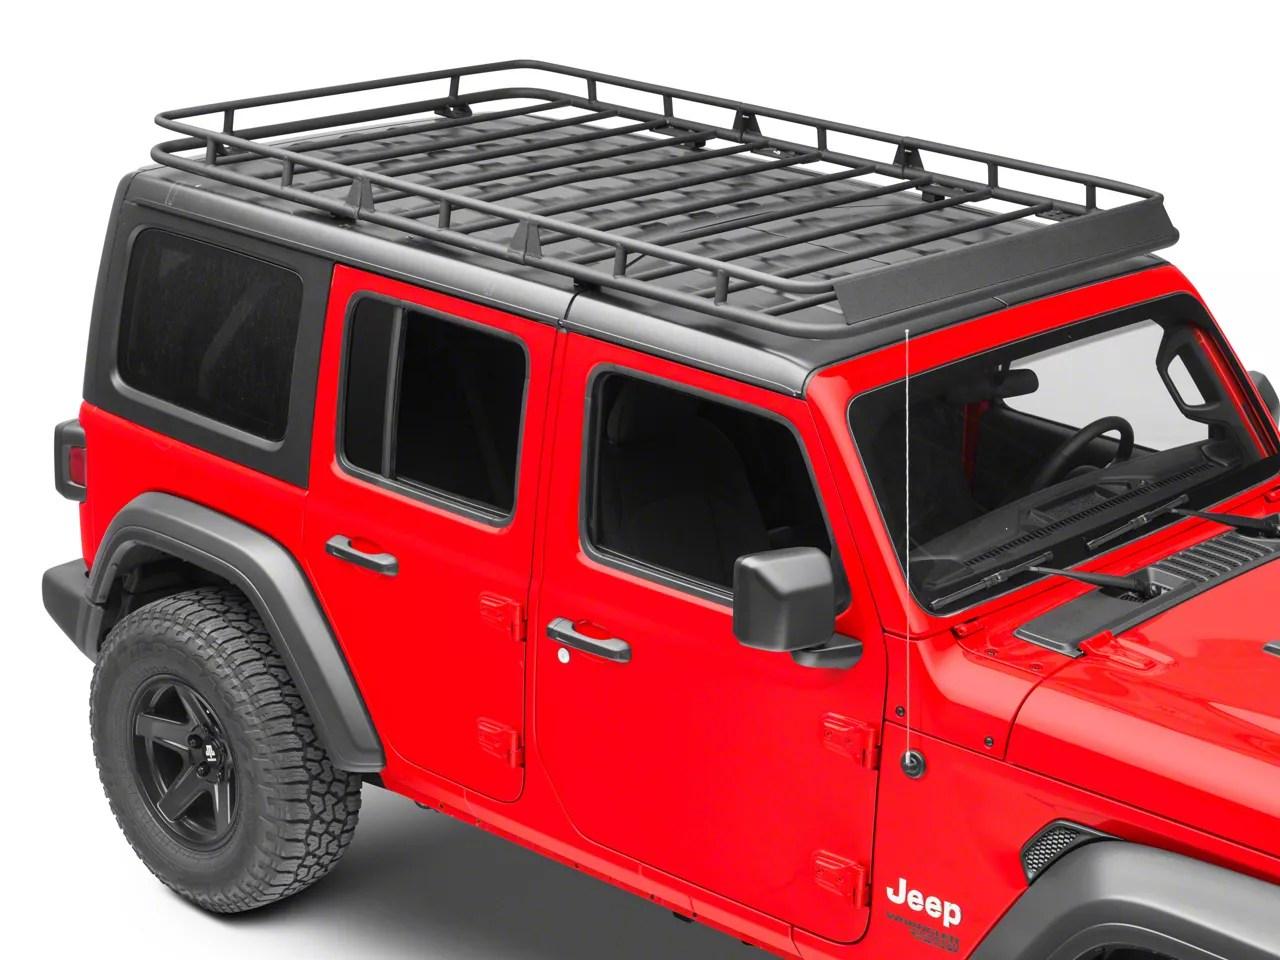 redrock 4x4 full length roof rack 18 21 jeep wrangler jl 4 door